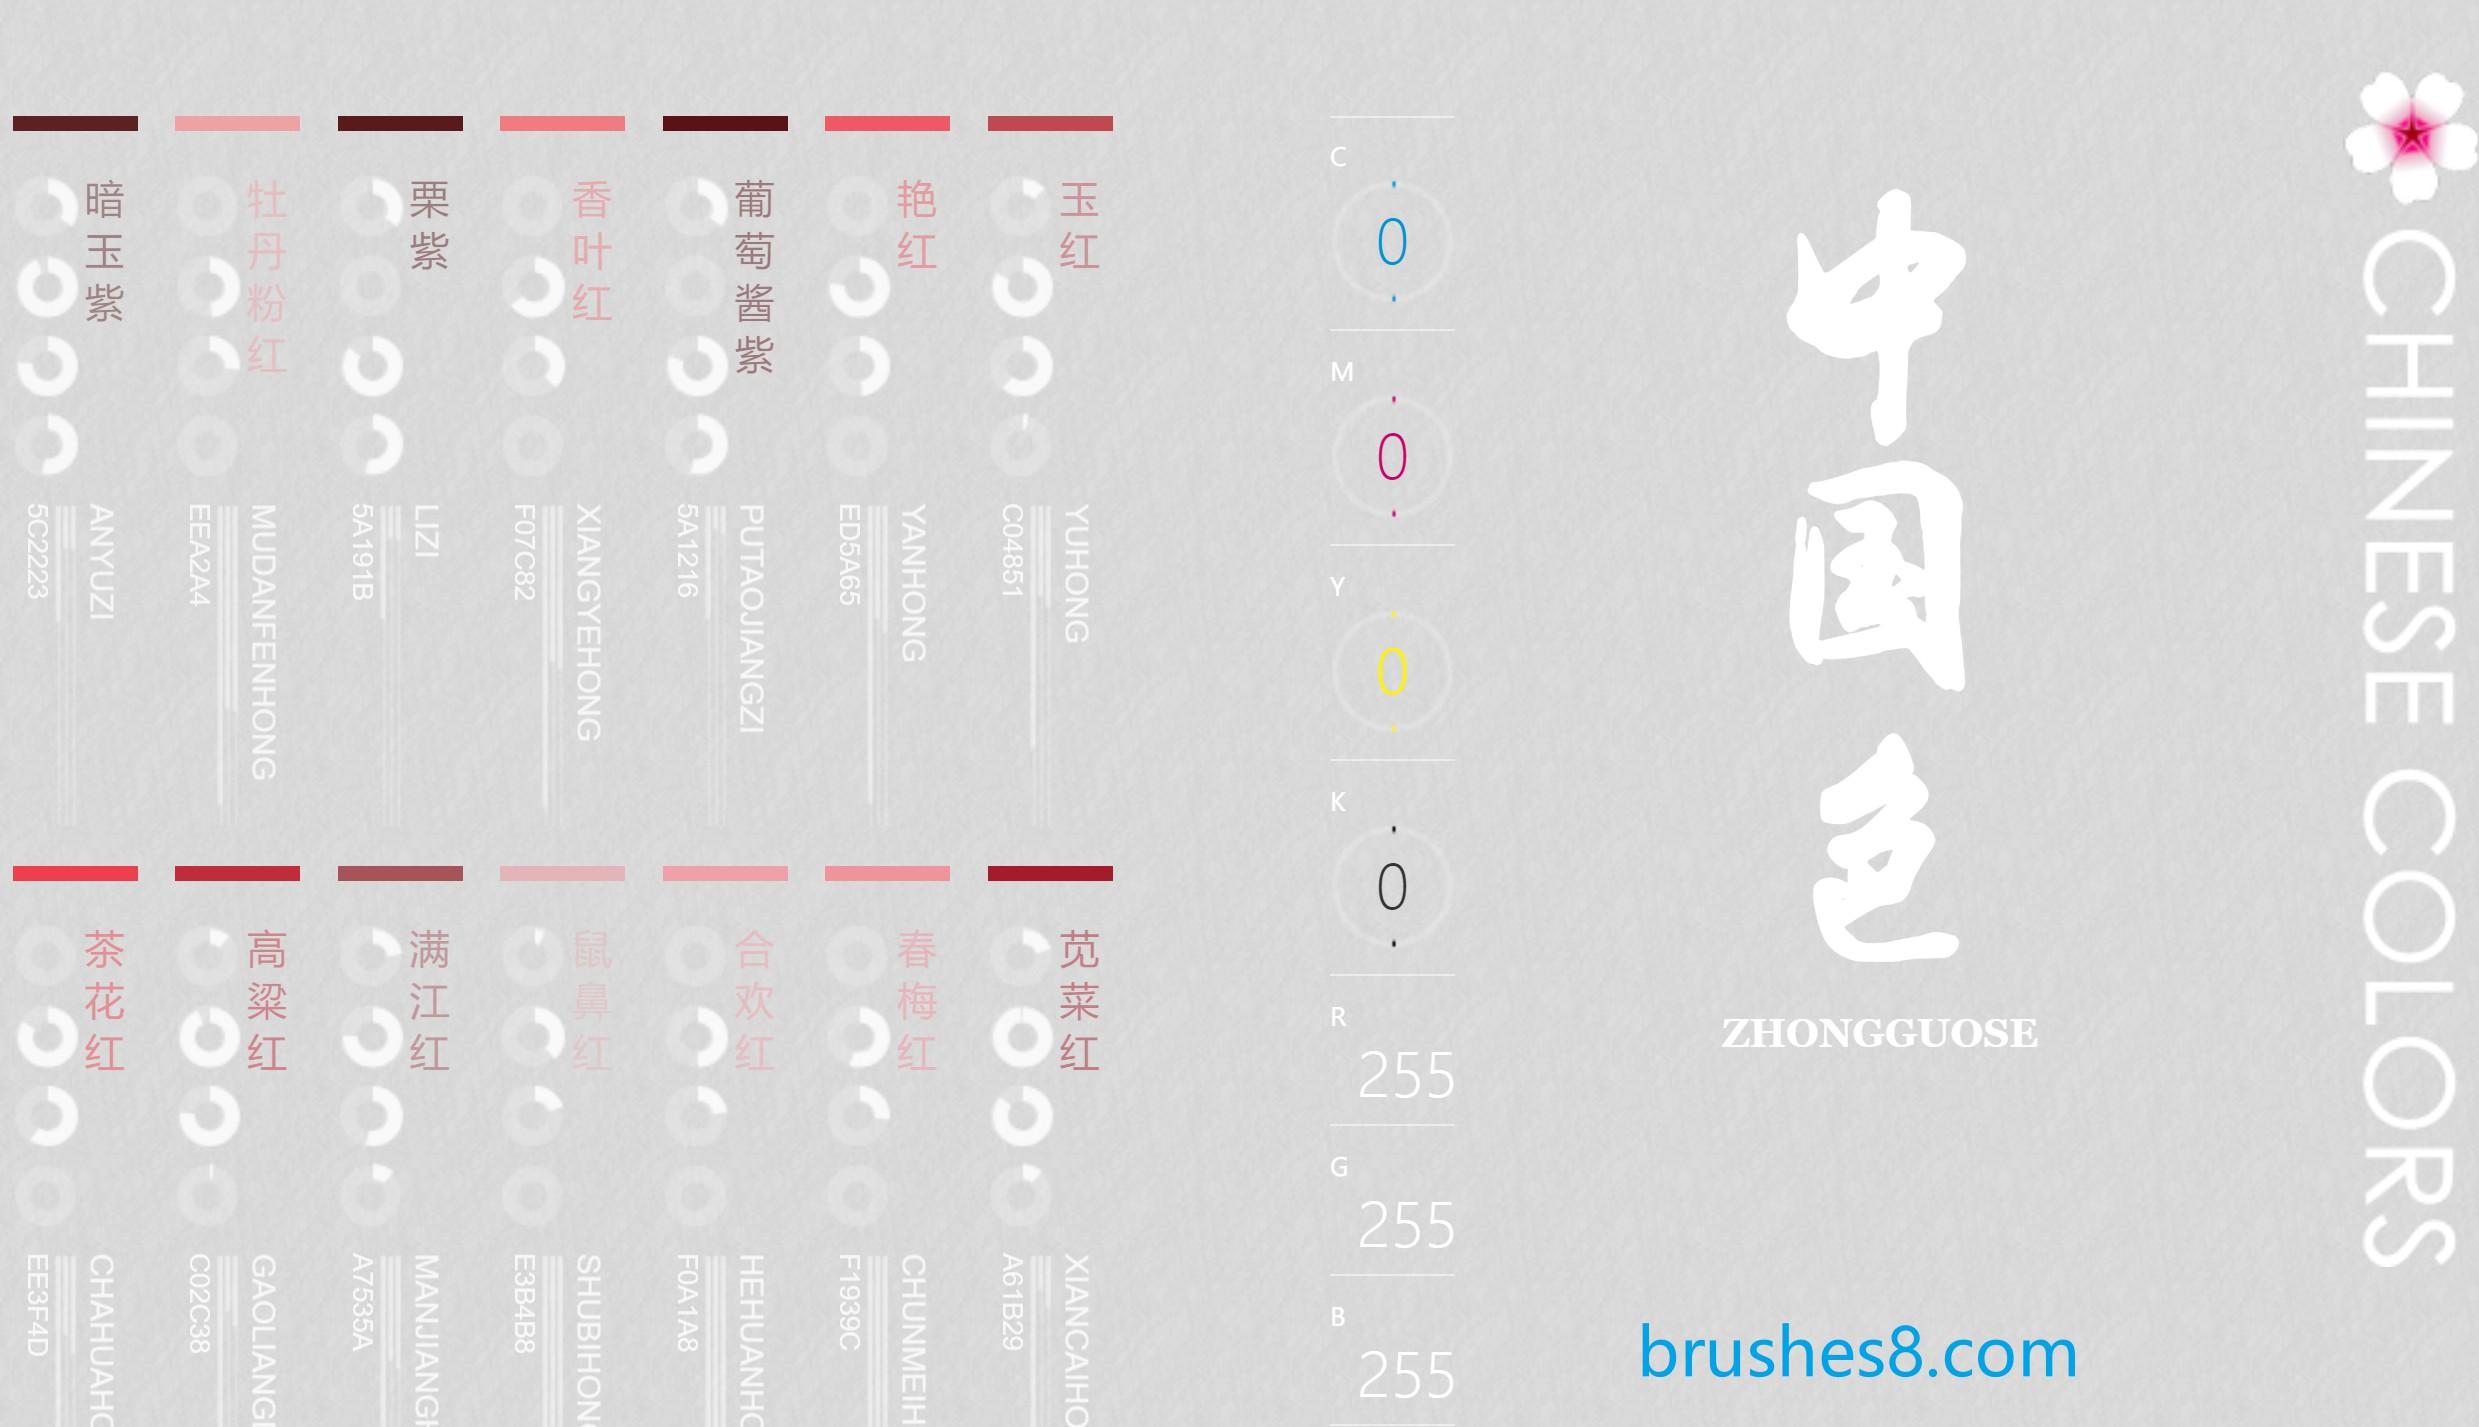 """快速查询 """"中国传统配色"""" 的色值和色名 :牡丹红、鹞冠紫、藏花红、云杉绿、芡食白等"""